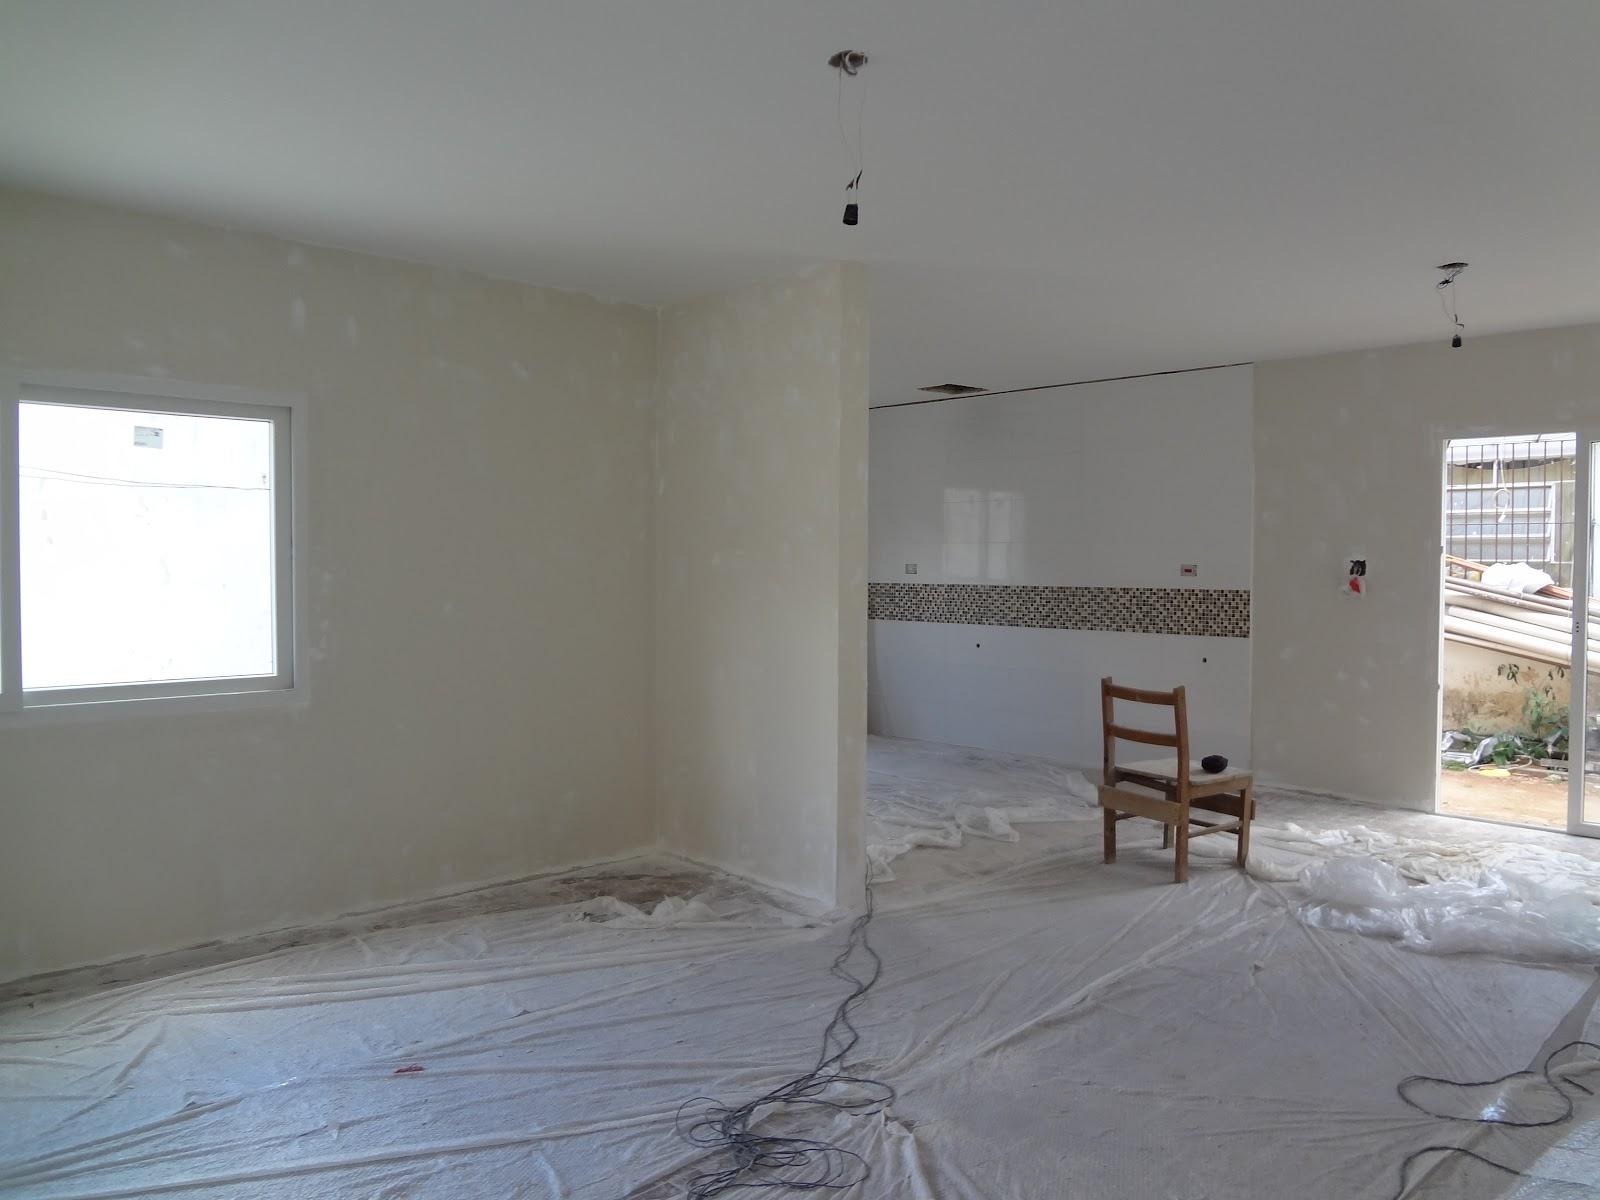 Detalhe do piso da sala.. imitando madeira  #50637B 1600x1200